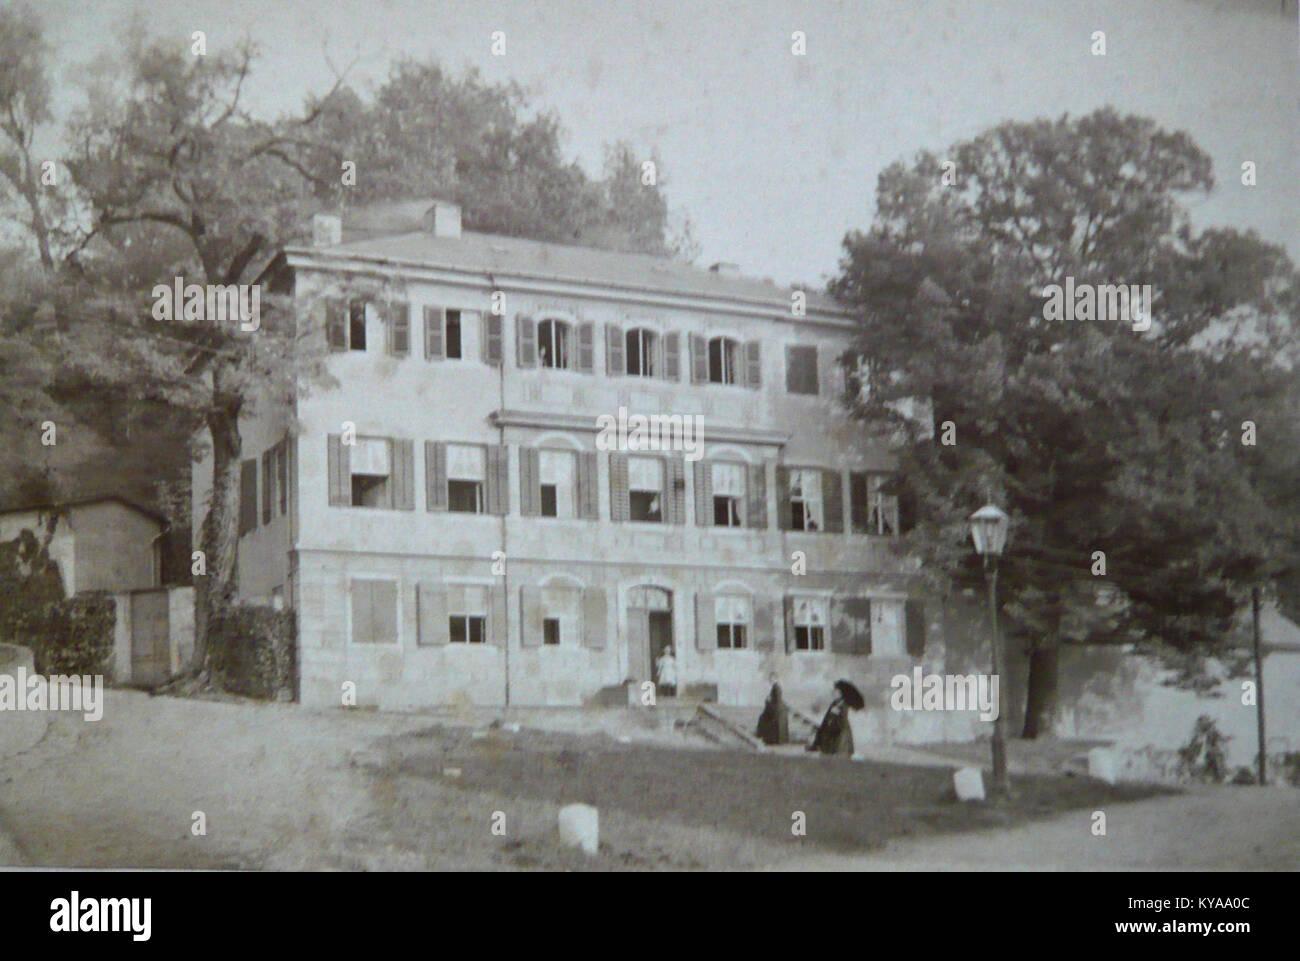 Sommerhaus in Loschwitz, Pillnitzer Landstraße 63, von August Grahl um 1868 - Stock Image